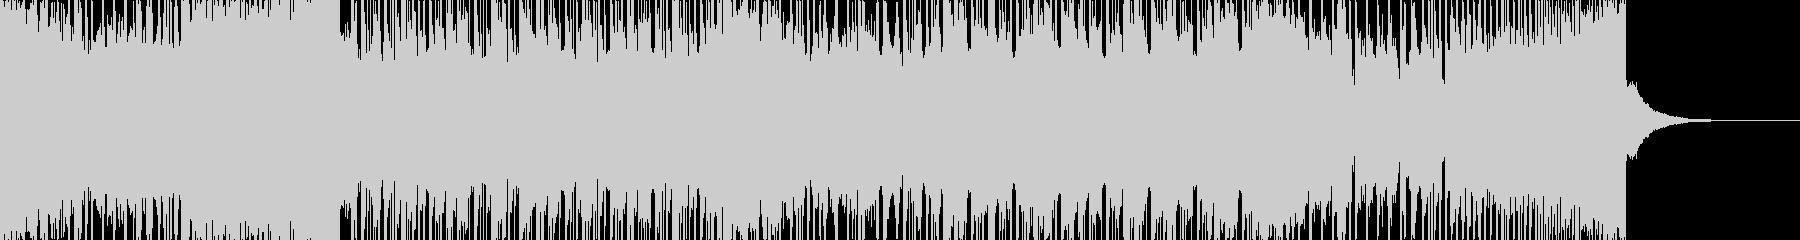 ハウス ダンス プログレッシブ ト...の未再生の波形